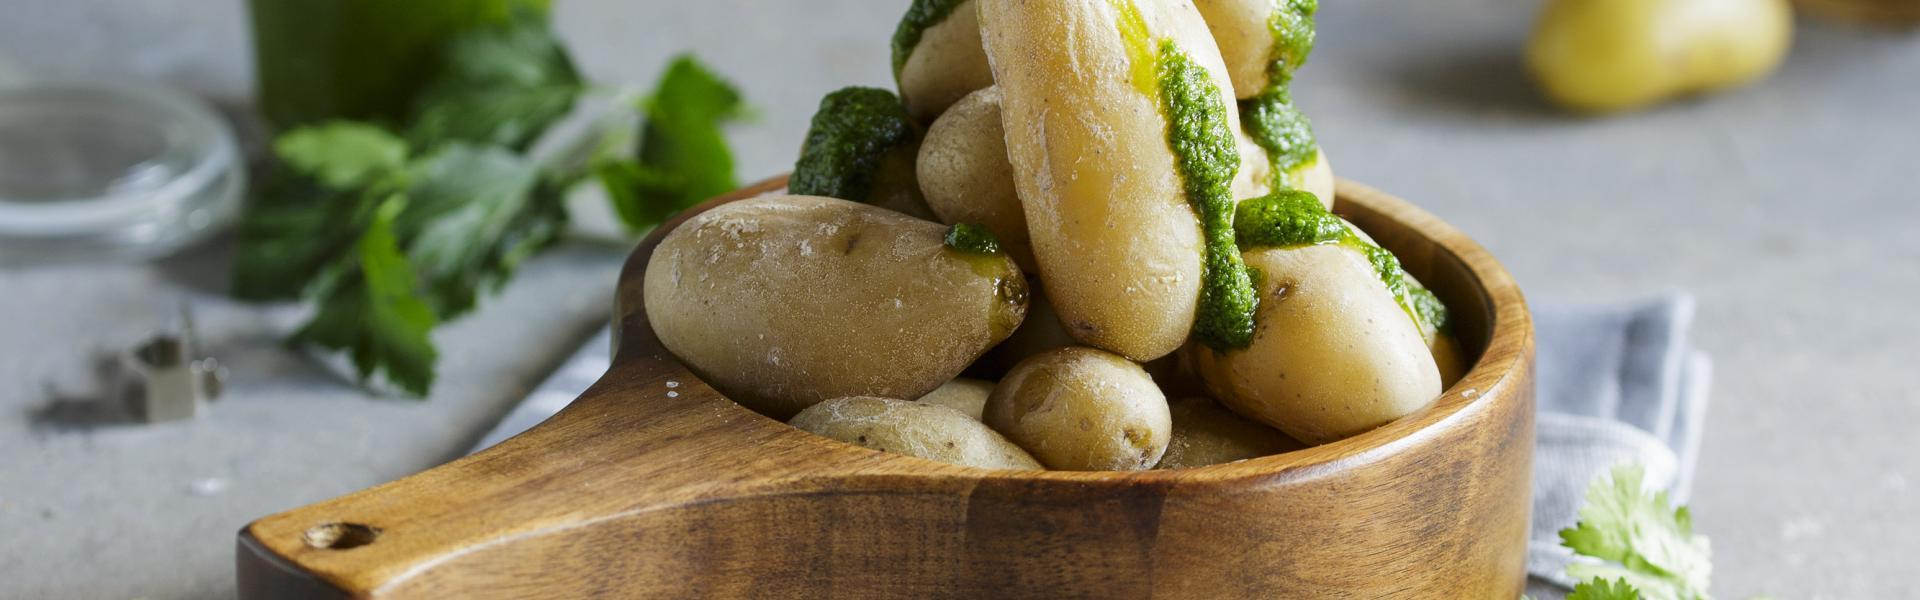 Kanarische Kartoffeln mit Mojo Verde in einer Schale auf einem Tisch.